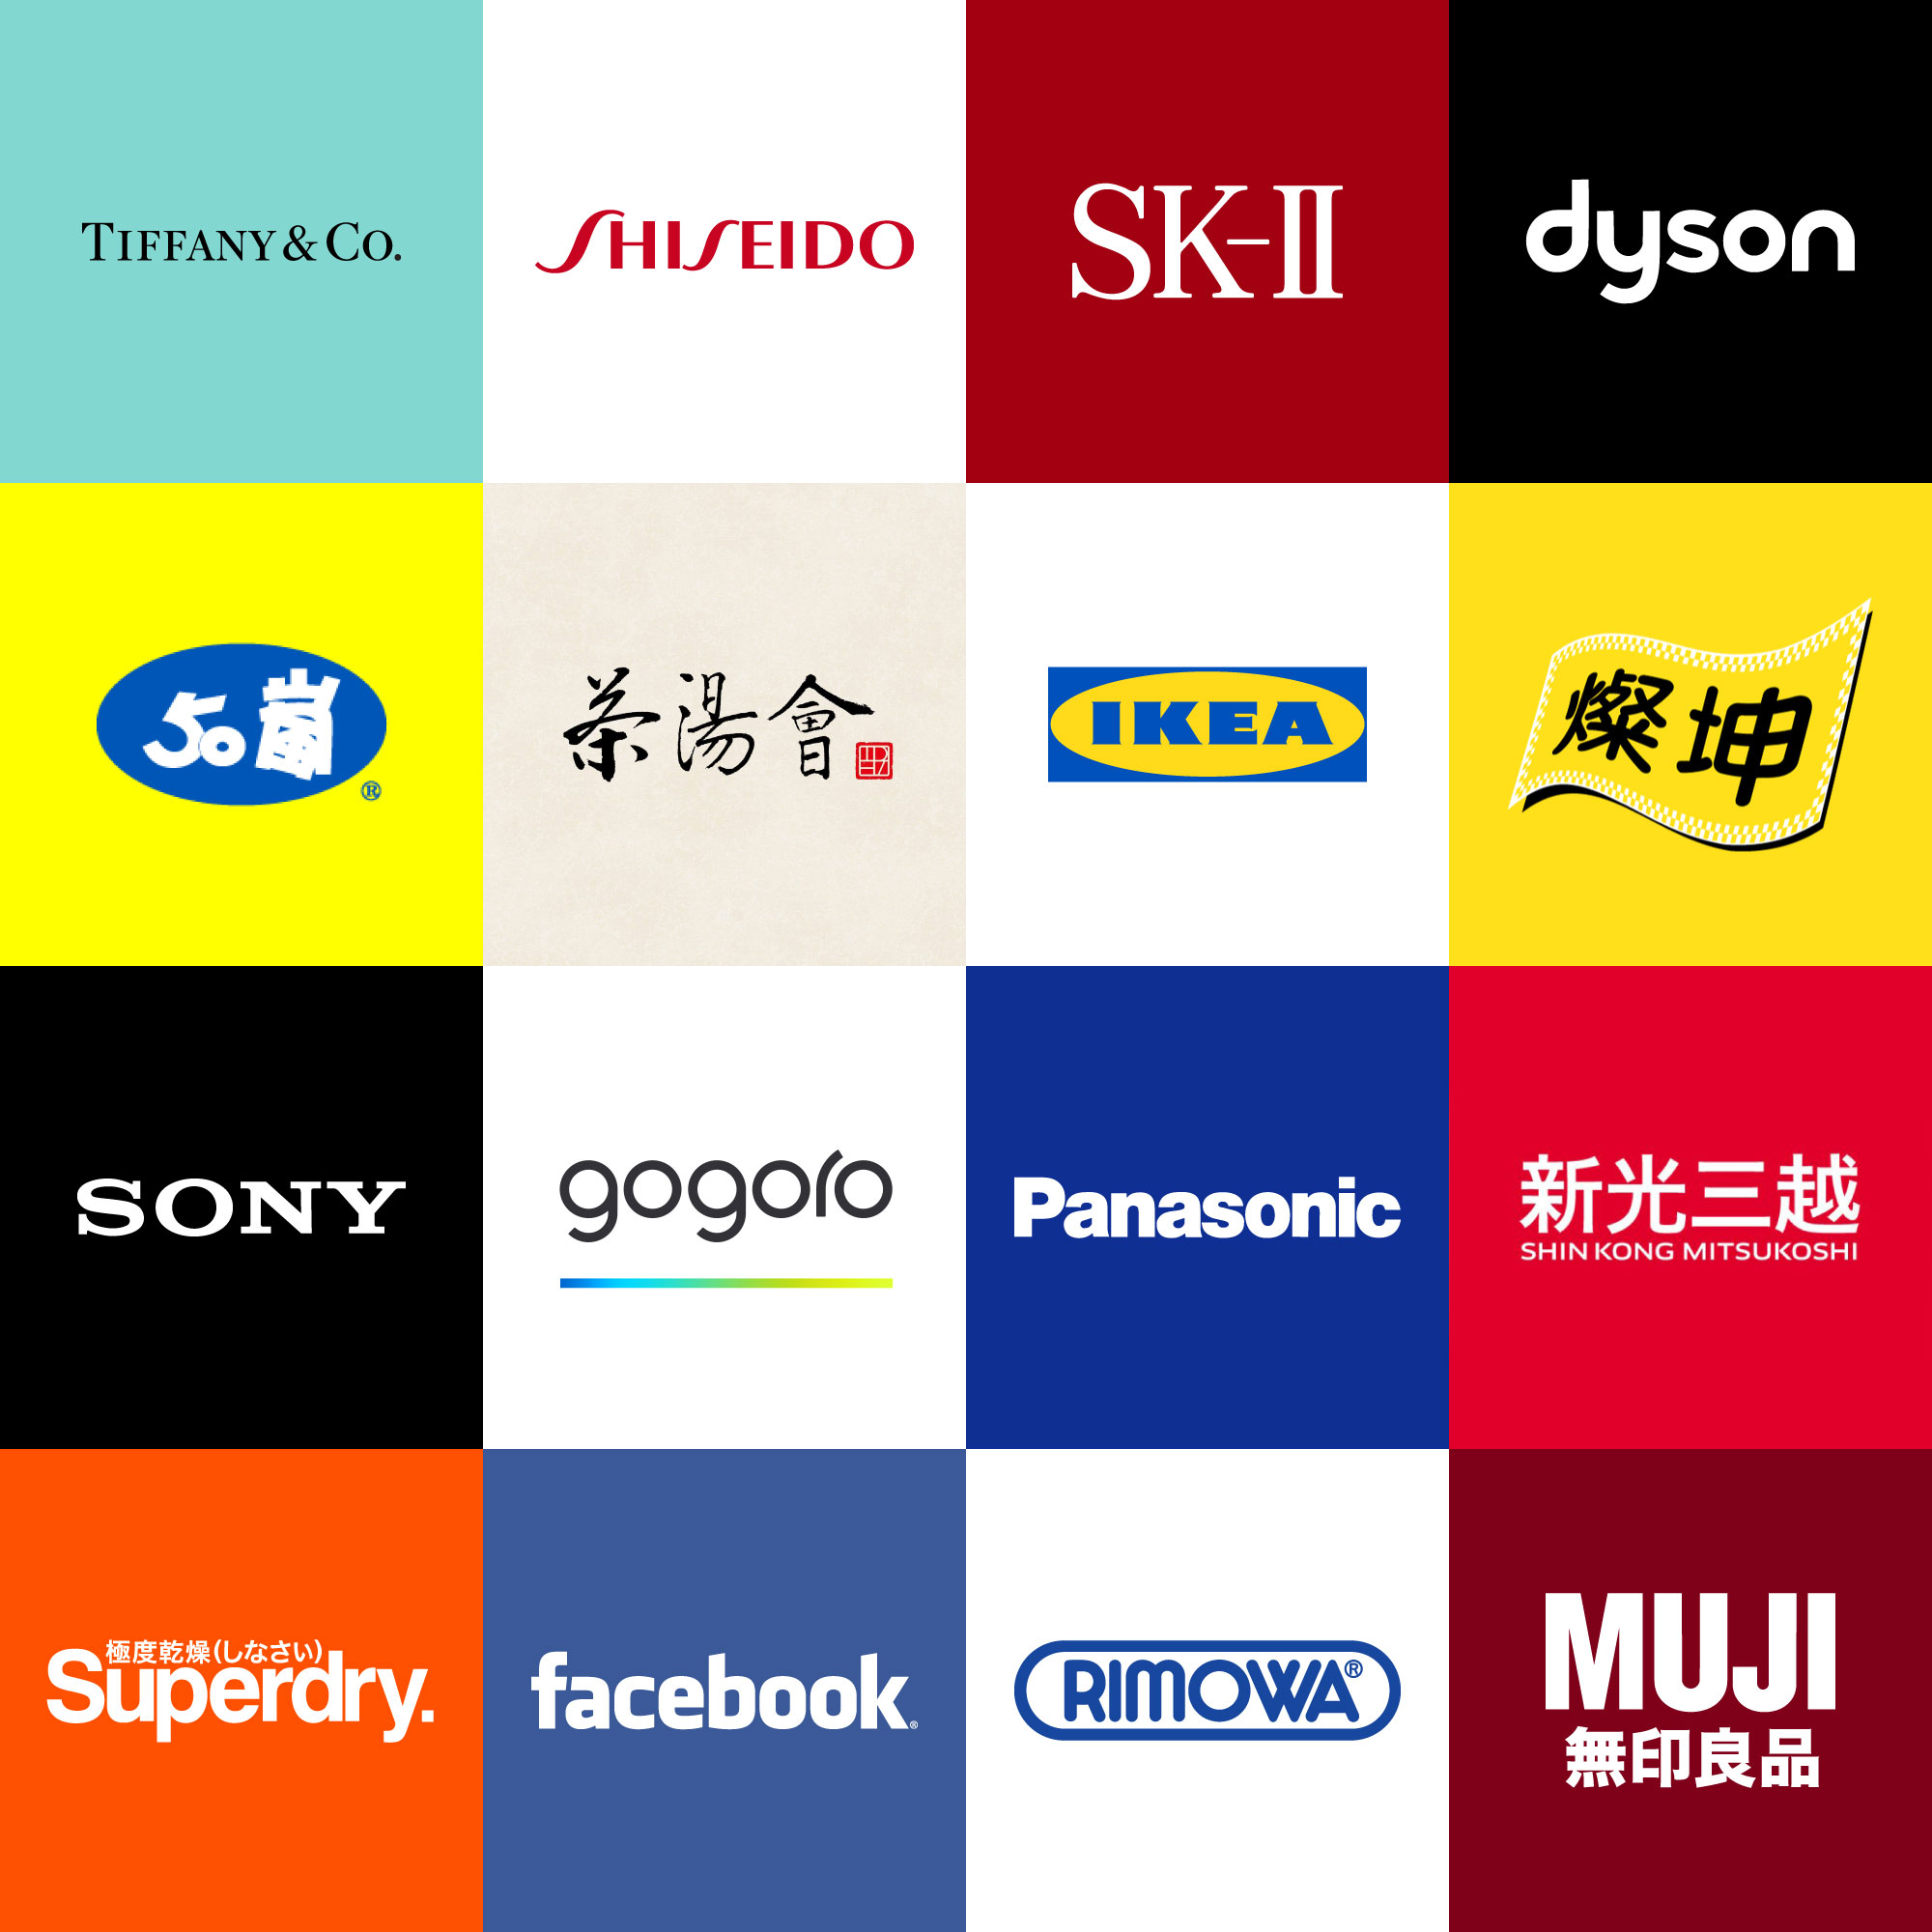 即使缺少「一顆圖案」,許多 Logo 都還是可以被辨識與記憶